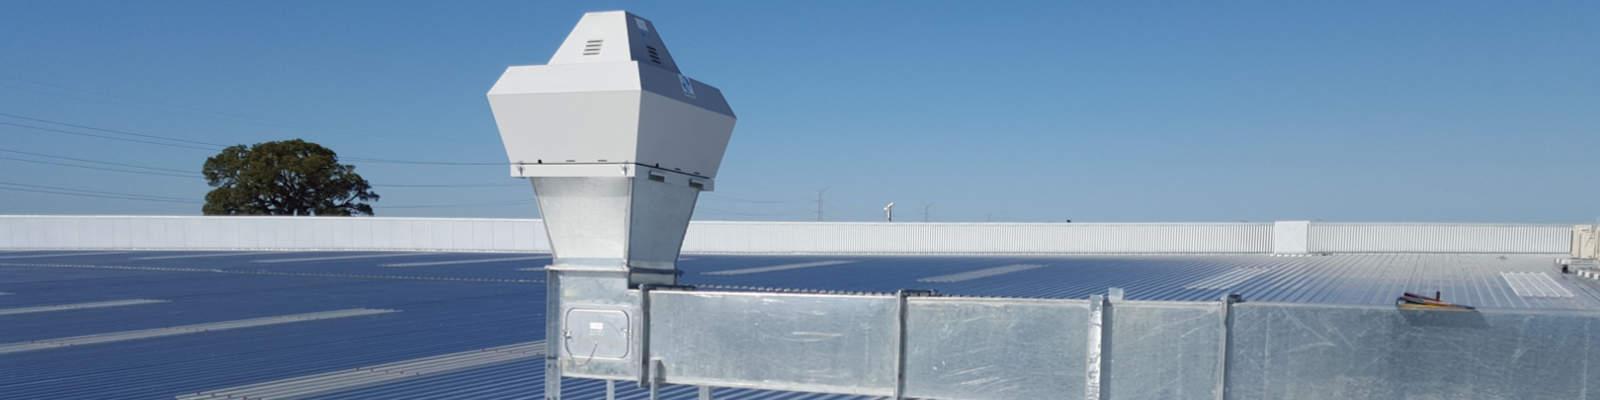 Gewerbliche Klimaanlage